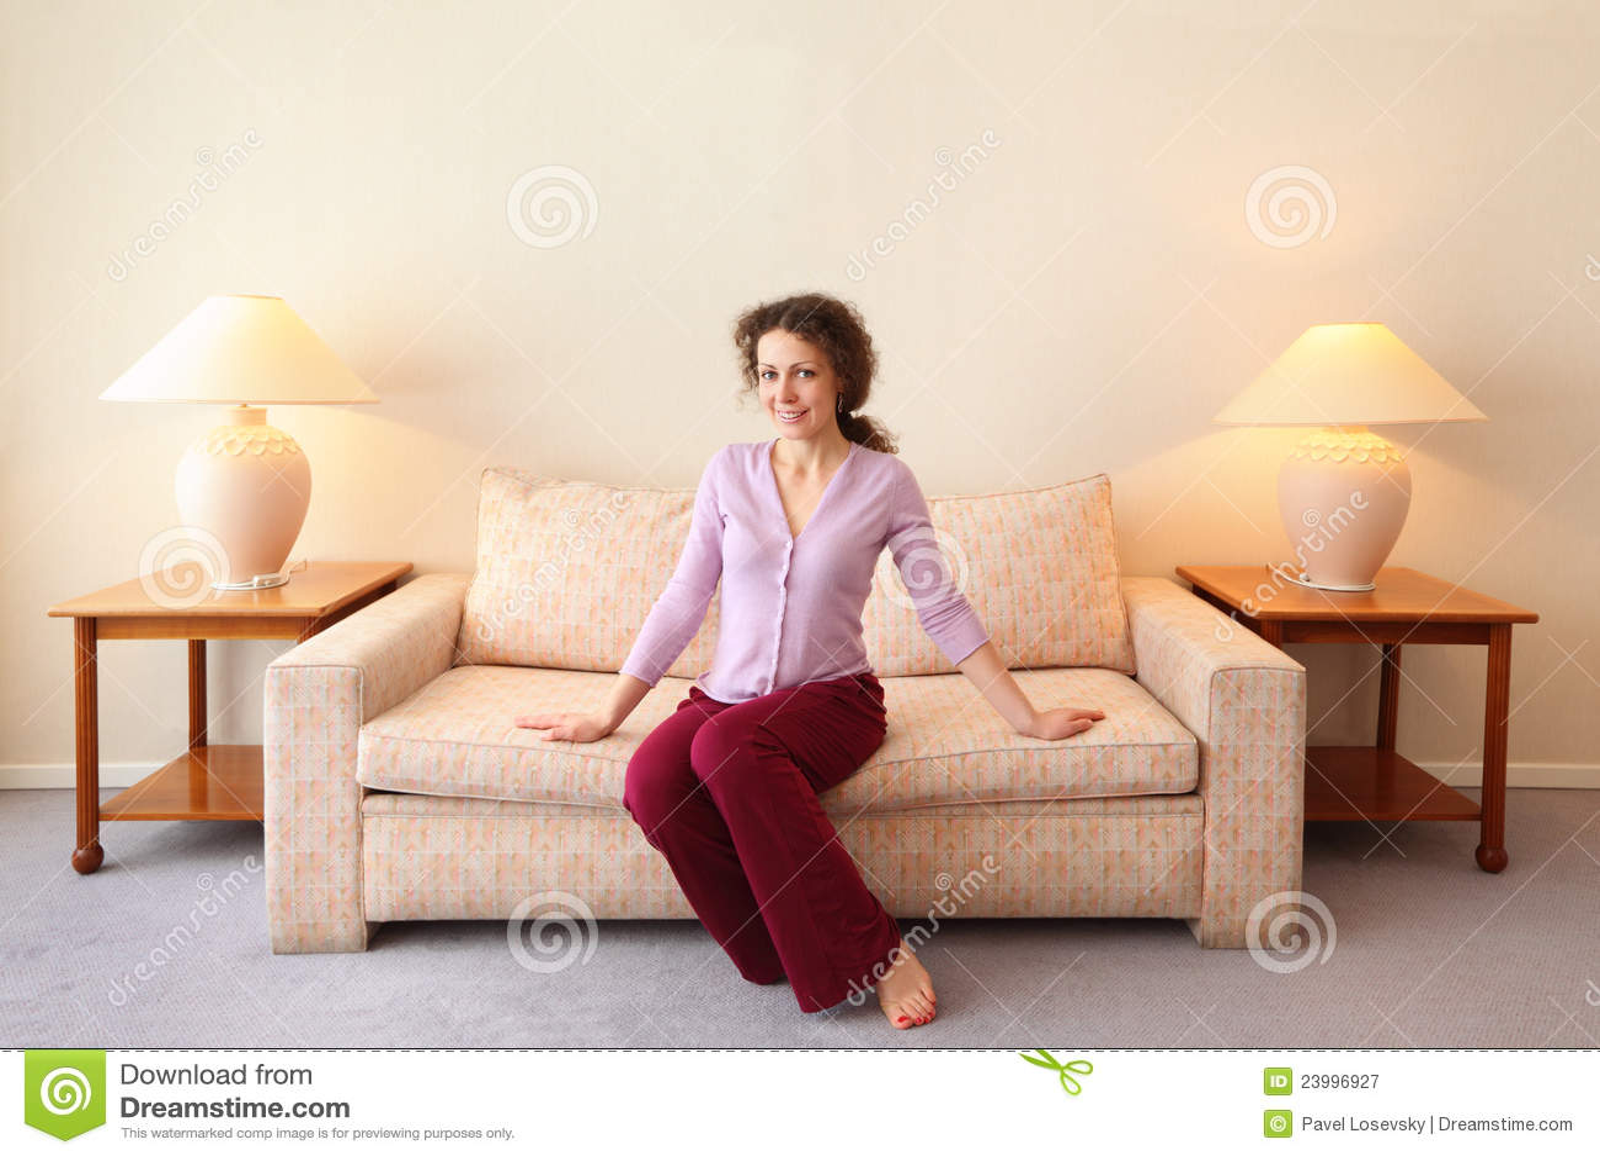 Frau sitzt auf couch im einfachen raum stockbild bild for Sofa im raum